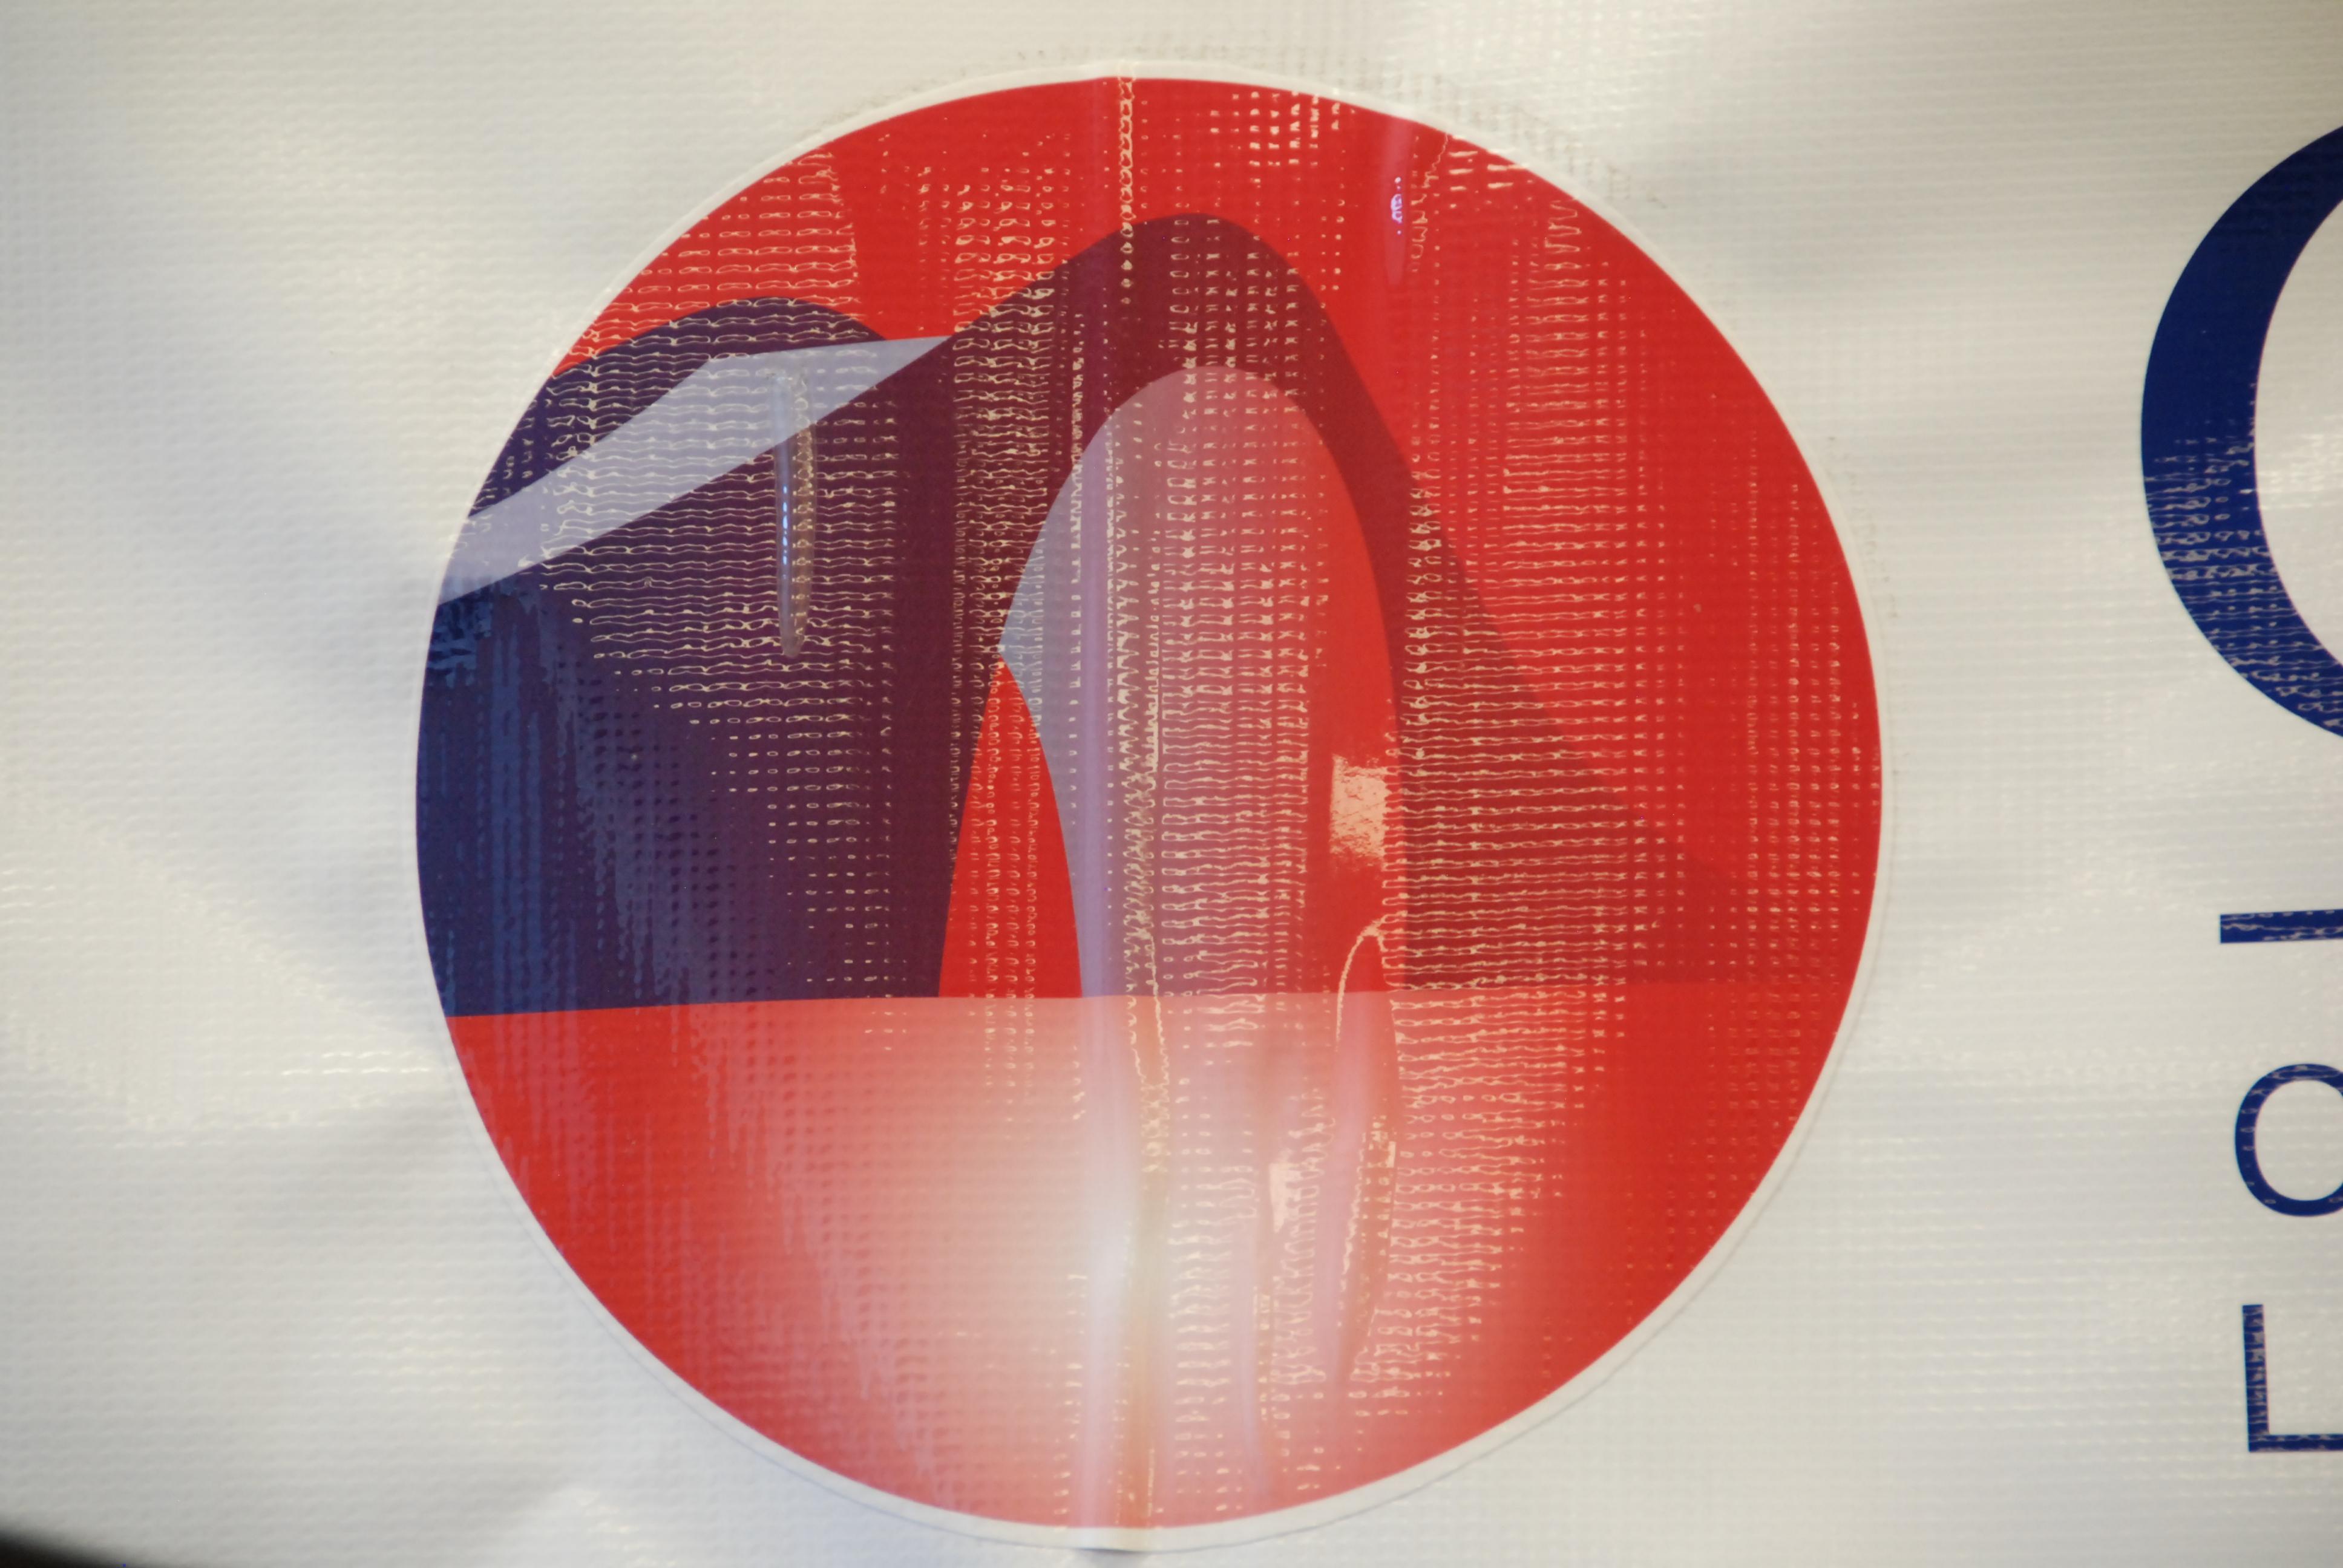 华越柬寮法律援助中心标志。(伊铃/大纪元)